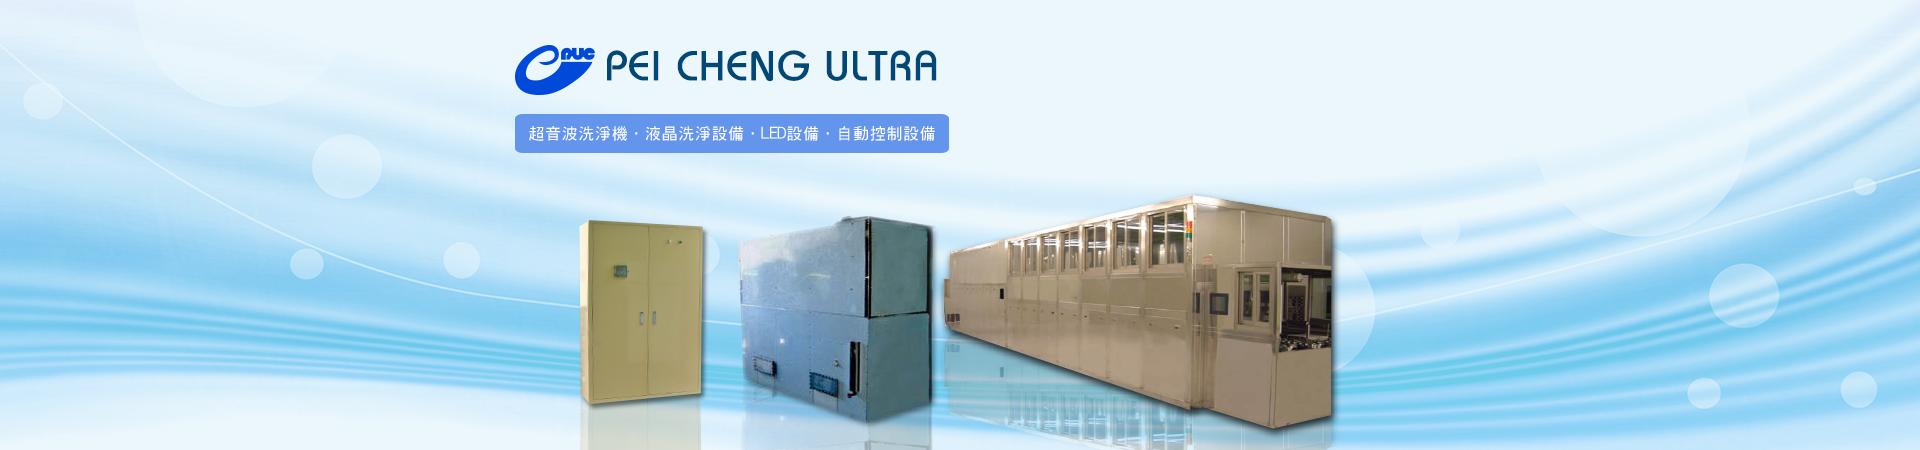 北城超音波工業有限公司 PEI CHENG ULTRA, IND